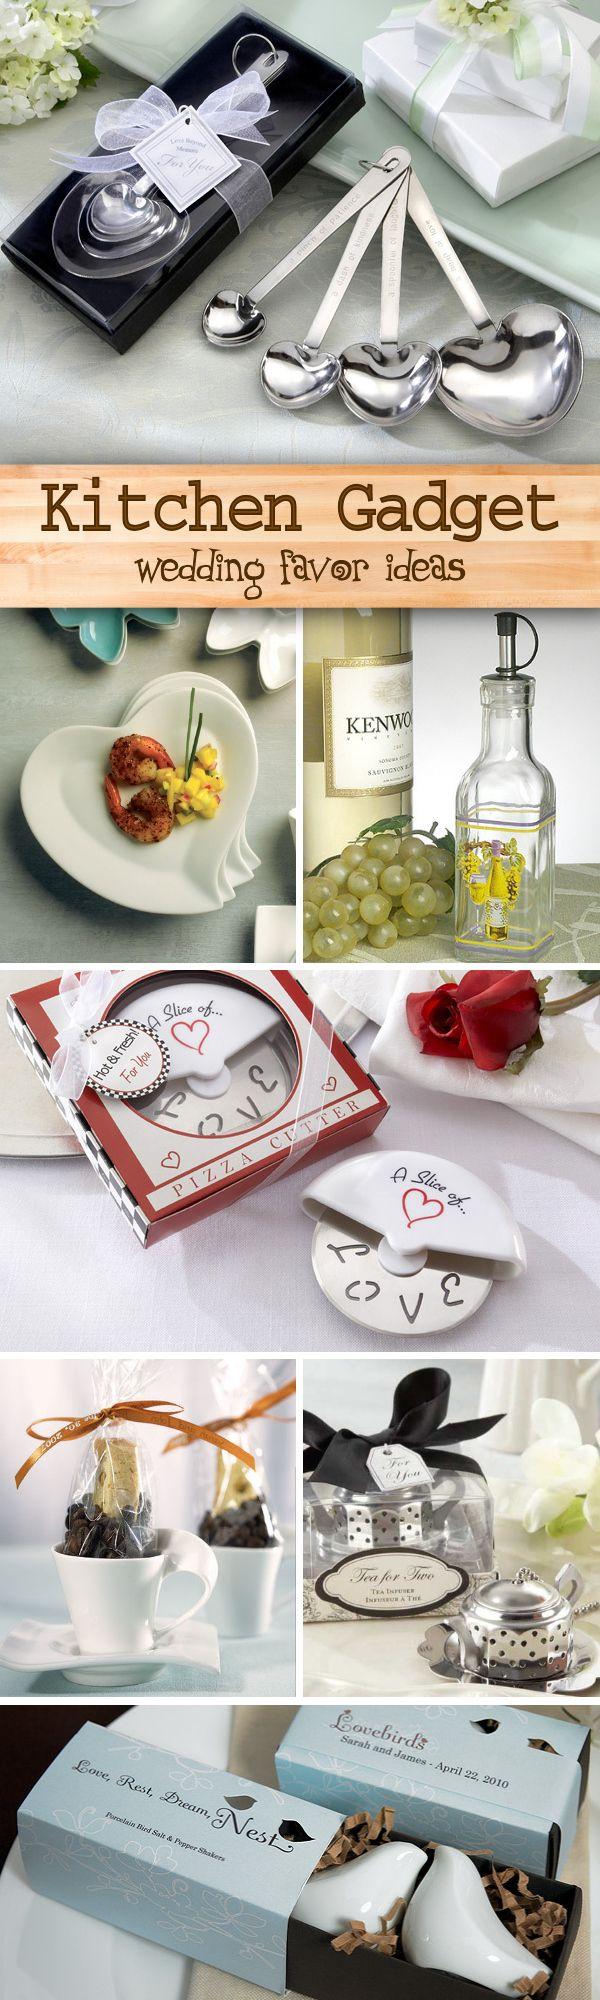 100 Fun And Useful Kitchen Gadget Wedding Favorsasuring